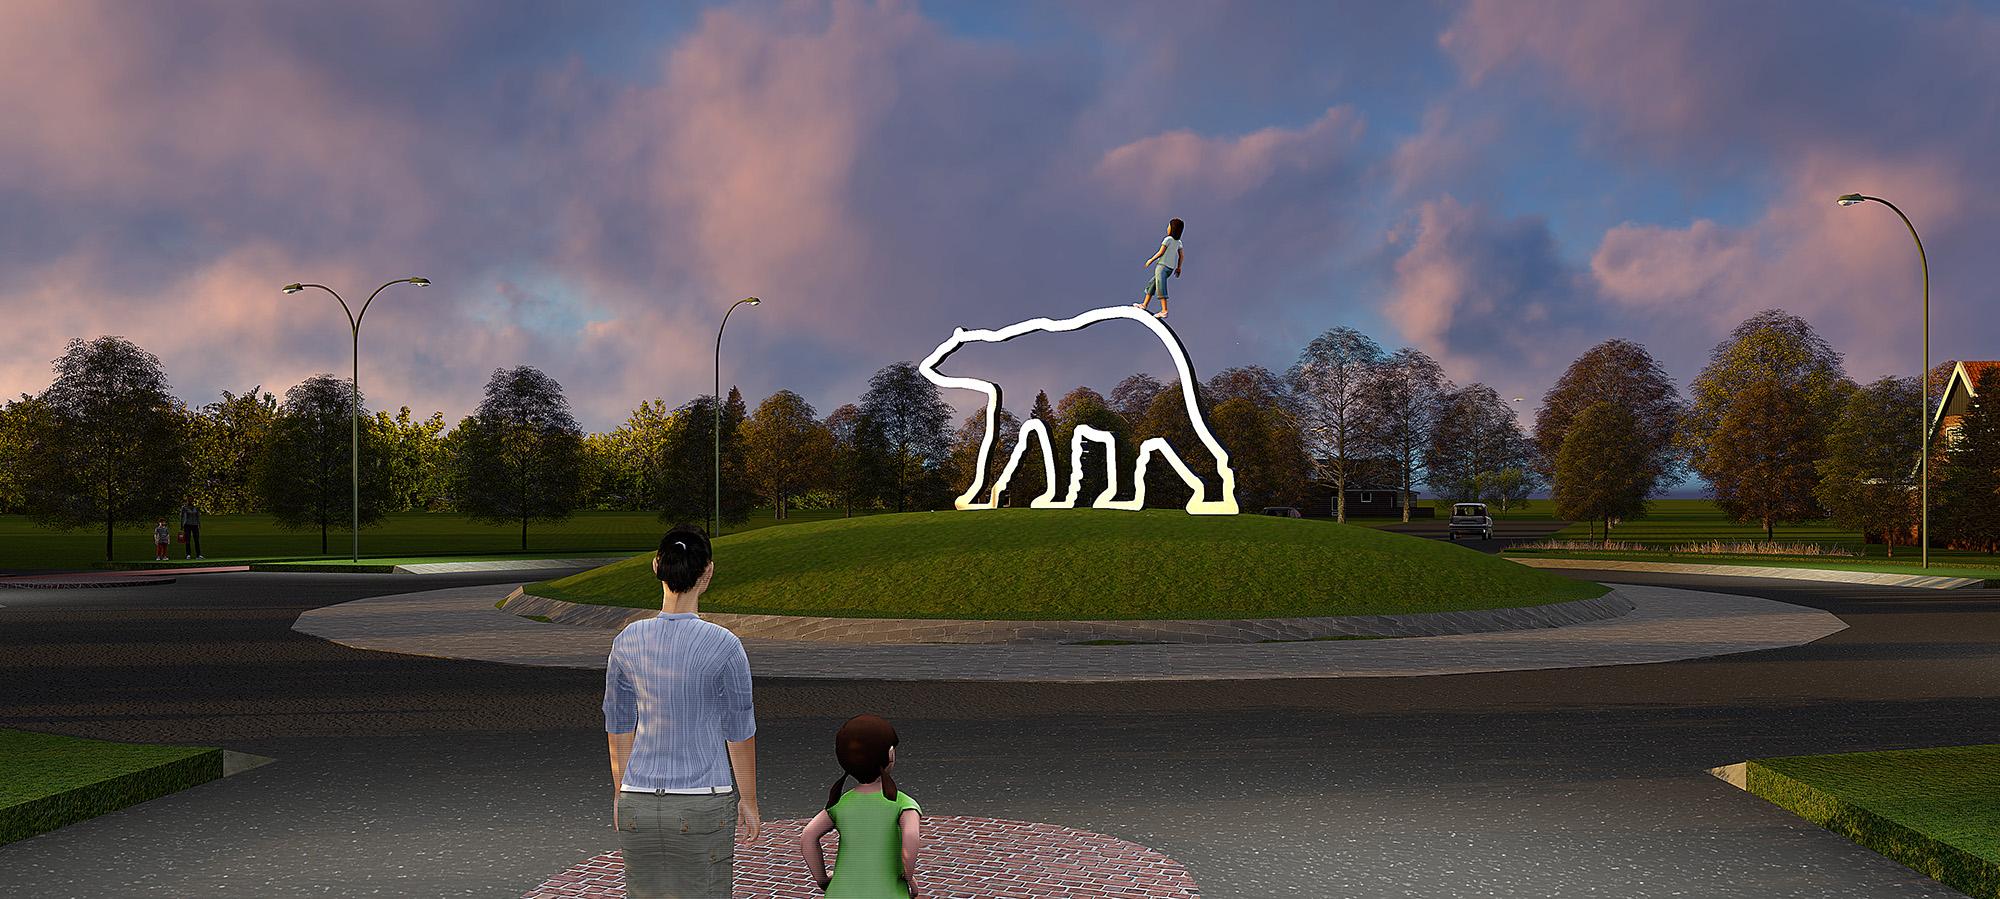 Public art sculpture bloklugthart